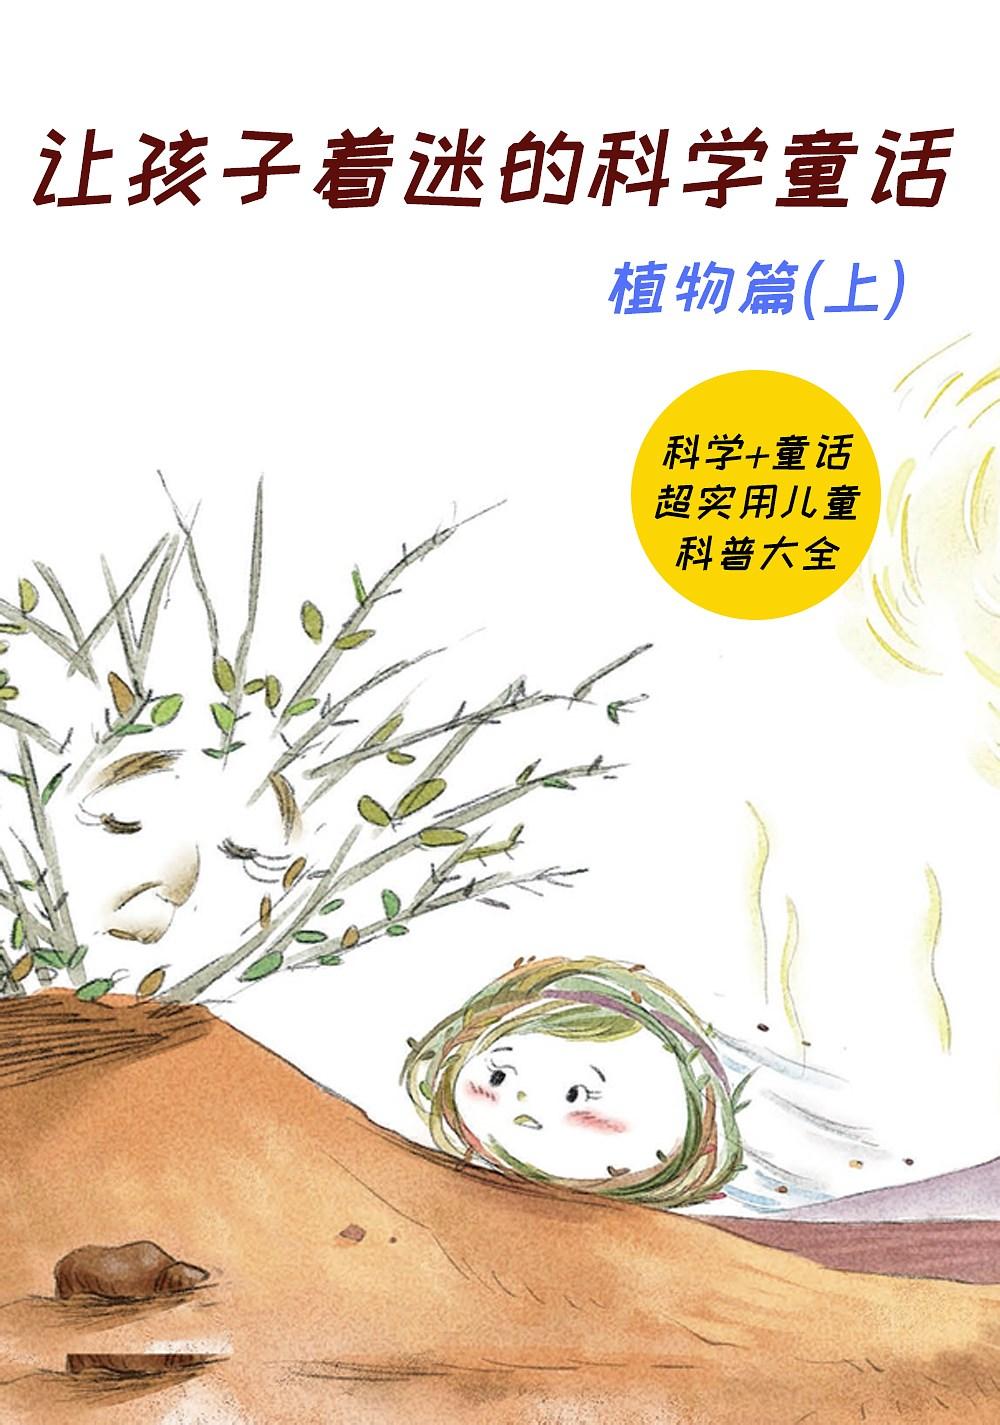 植物篇(上)专辑封面图图片尺寸:1000x1425px.jpg